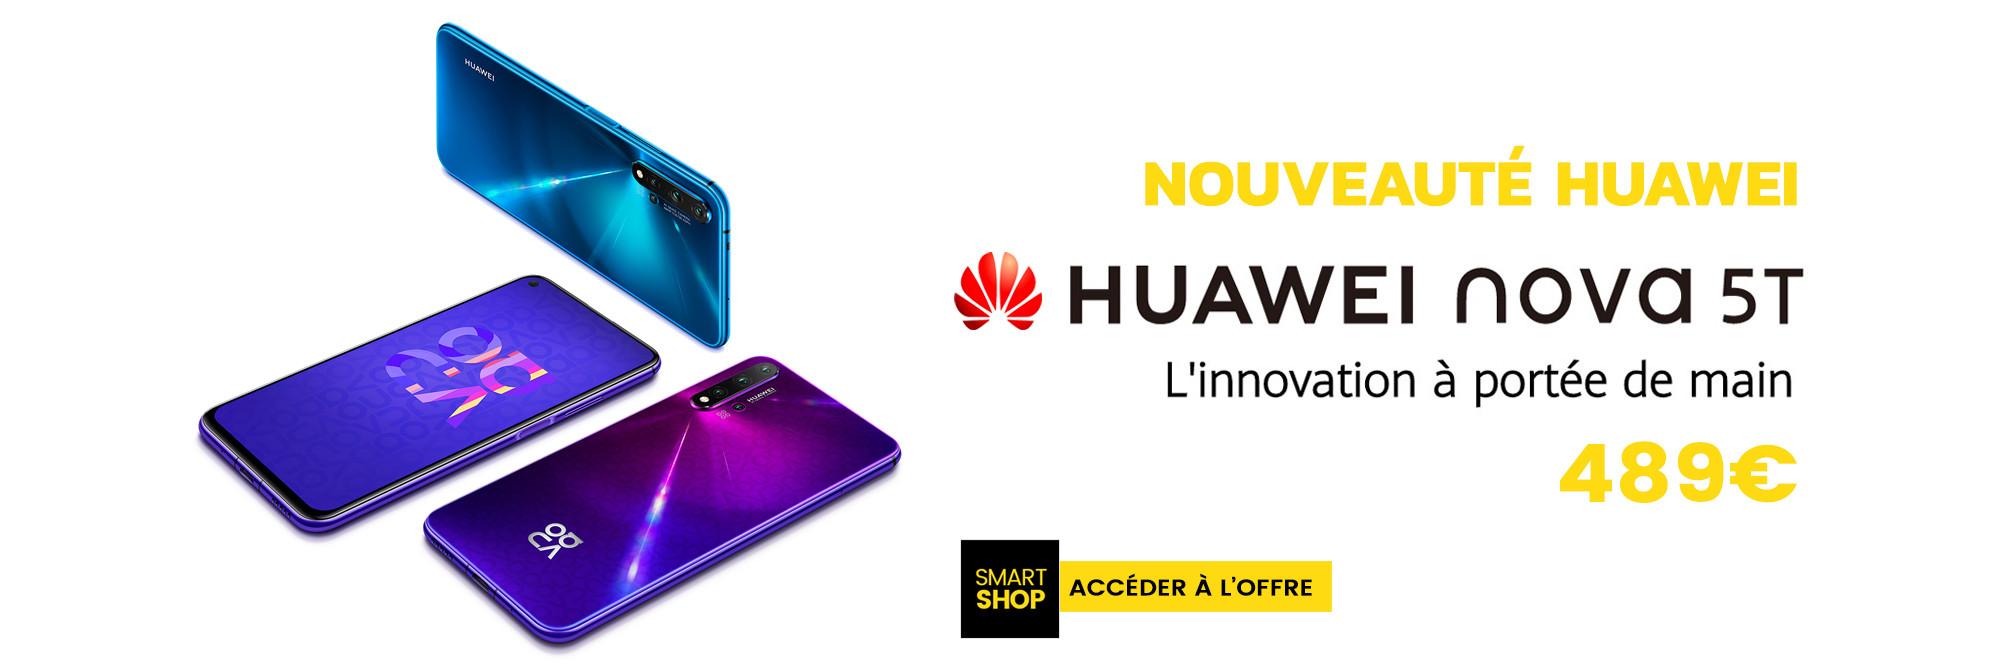 https://smartshop.re/huawei/741-2023-huawei-nova-5t.html